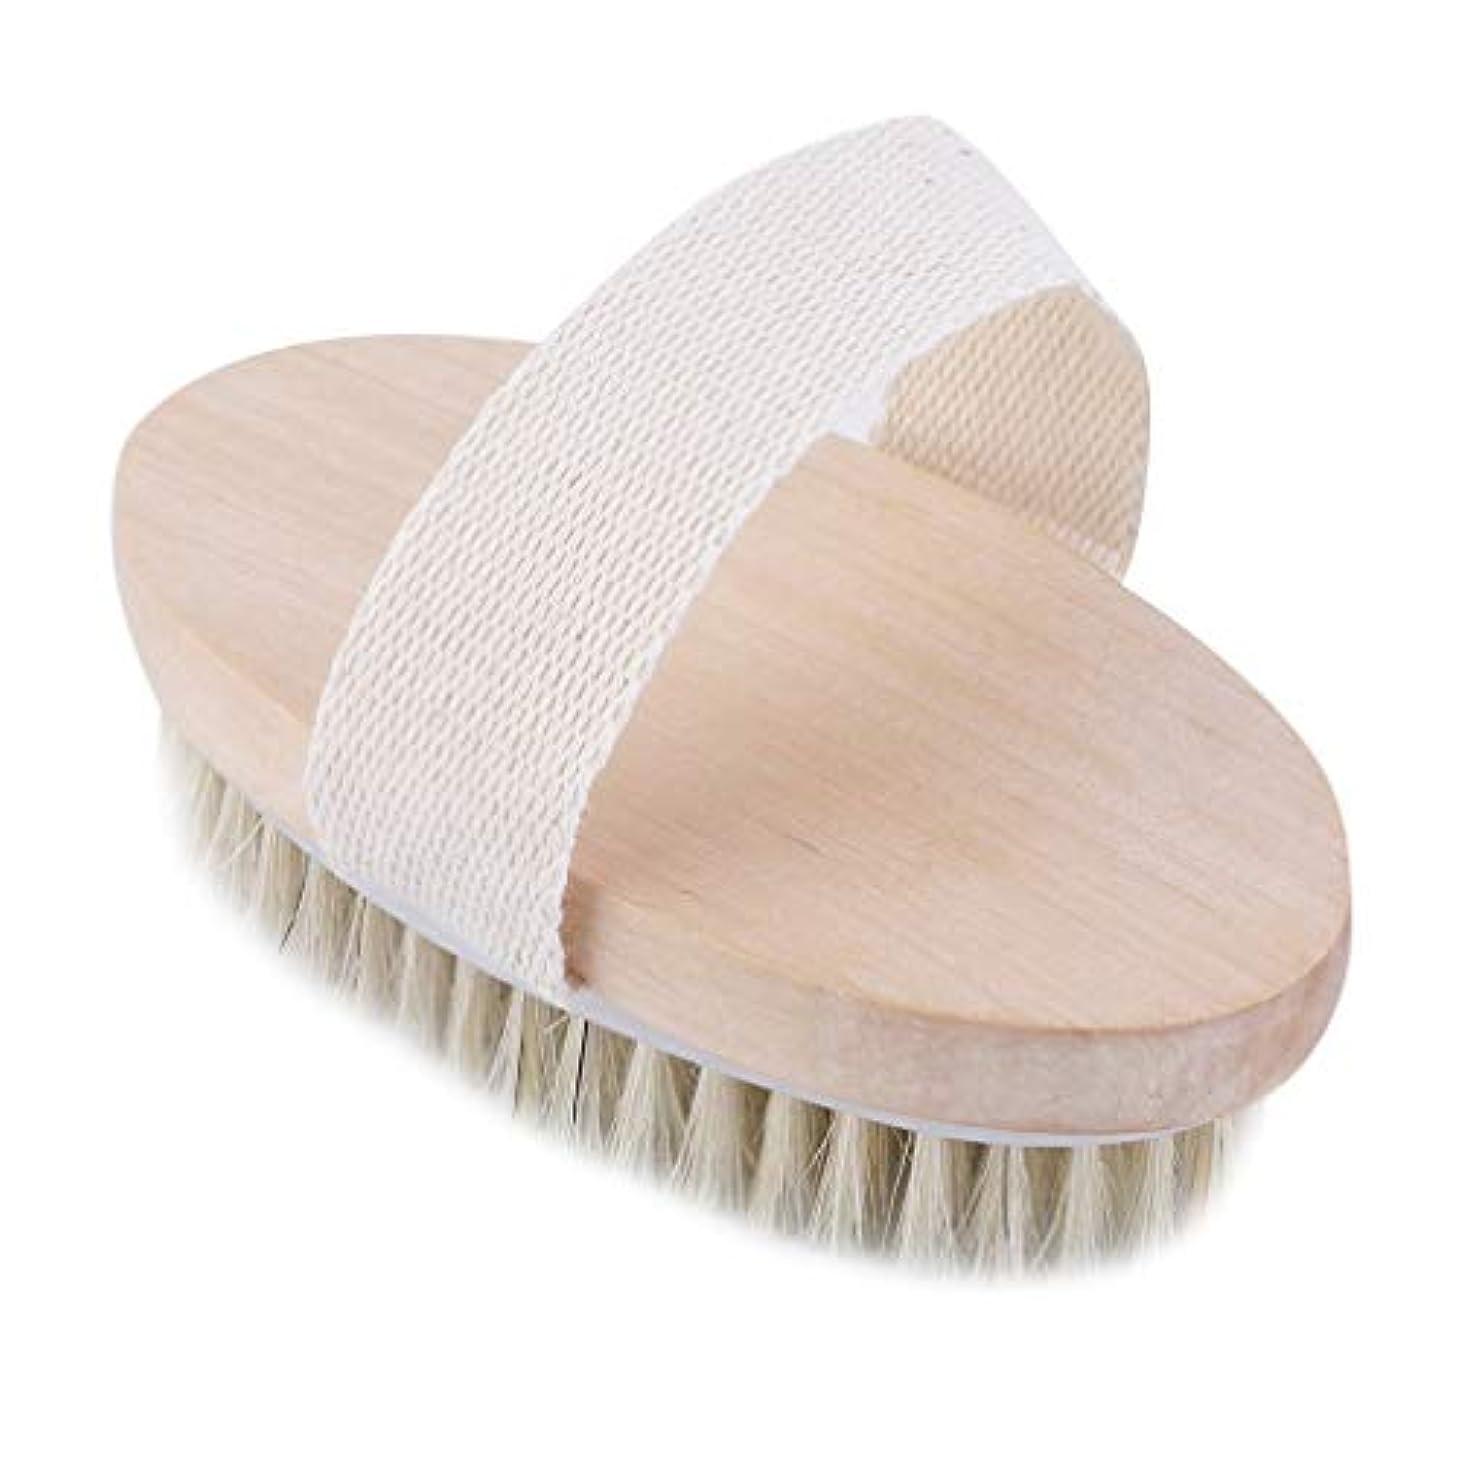 ストレッチメンテナンスレモンDry Skin Body Natural Bristle Brush Soft SPA Brush Bath Massager Home